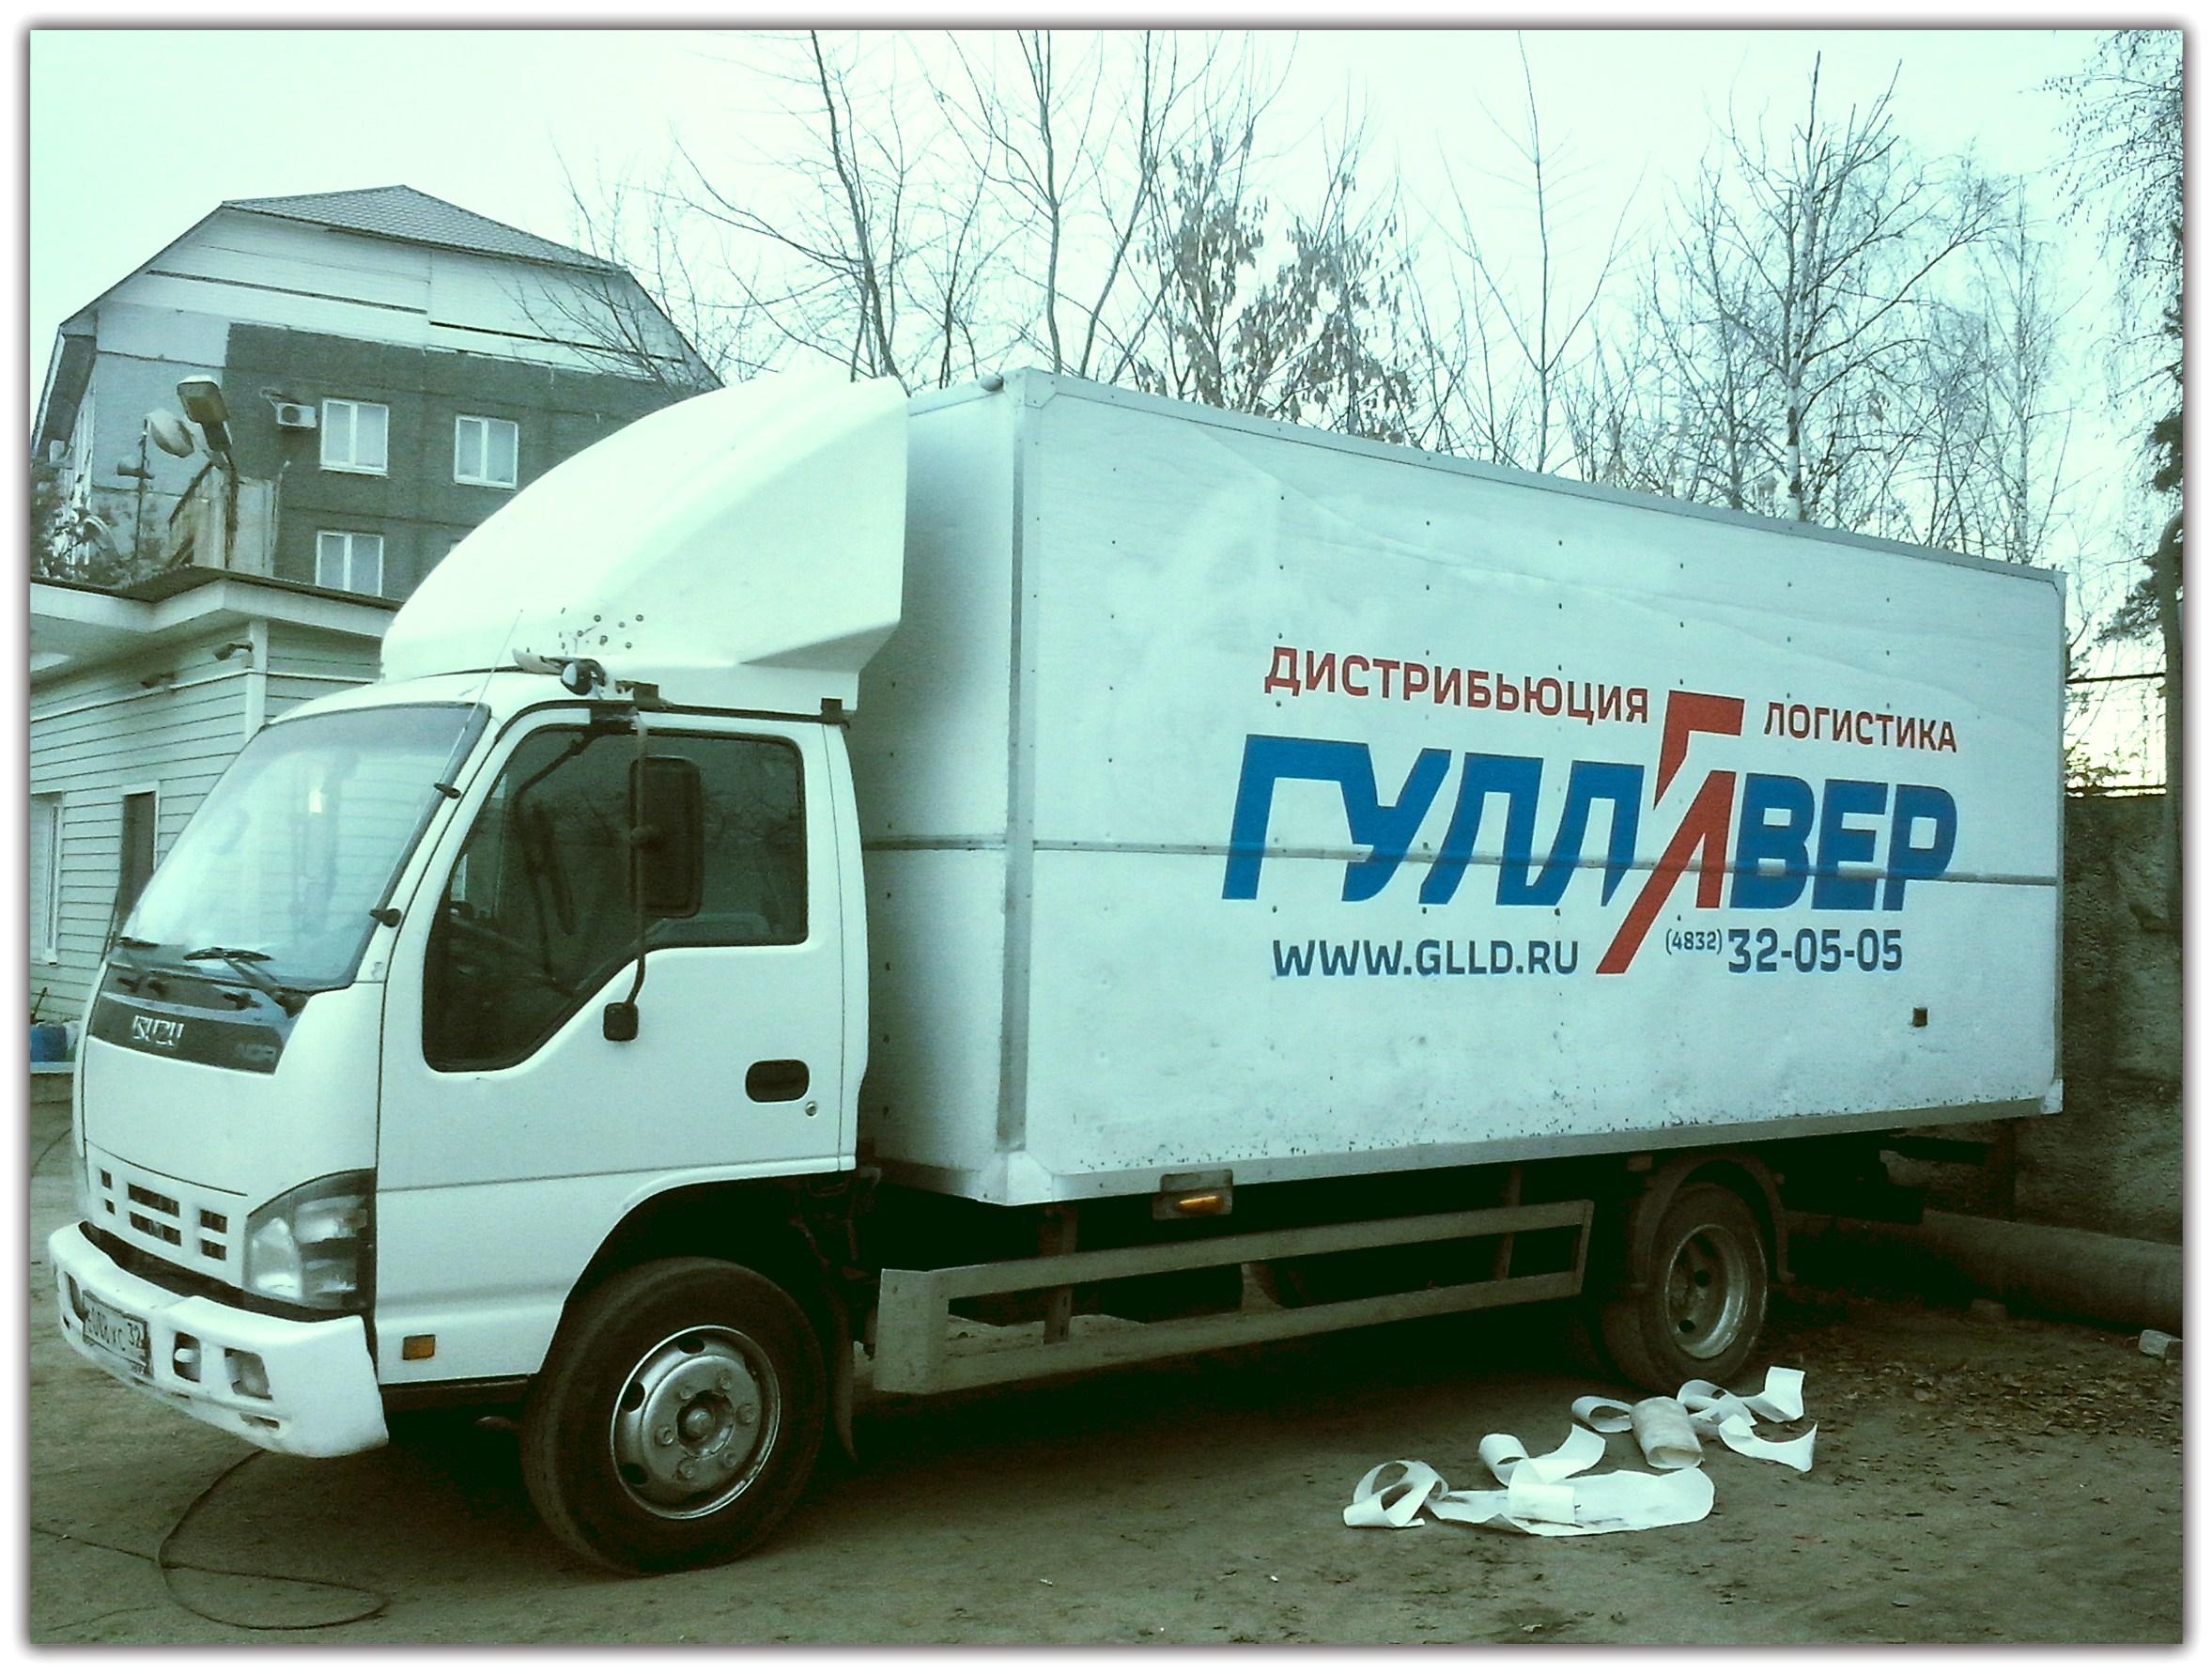 брендирование авто, Брянск, Вавилон-32